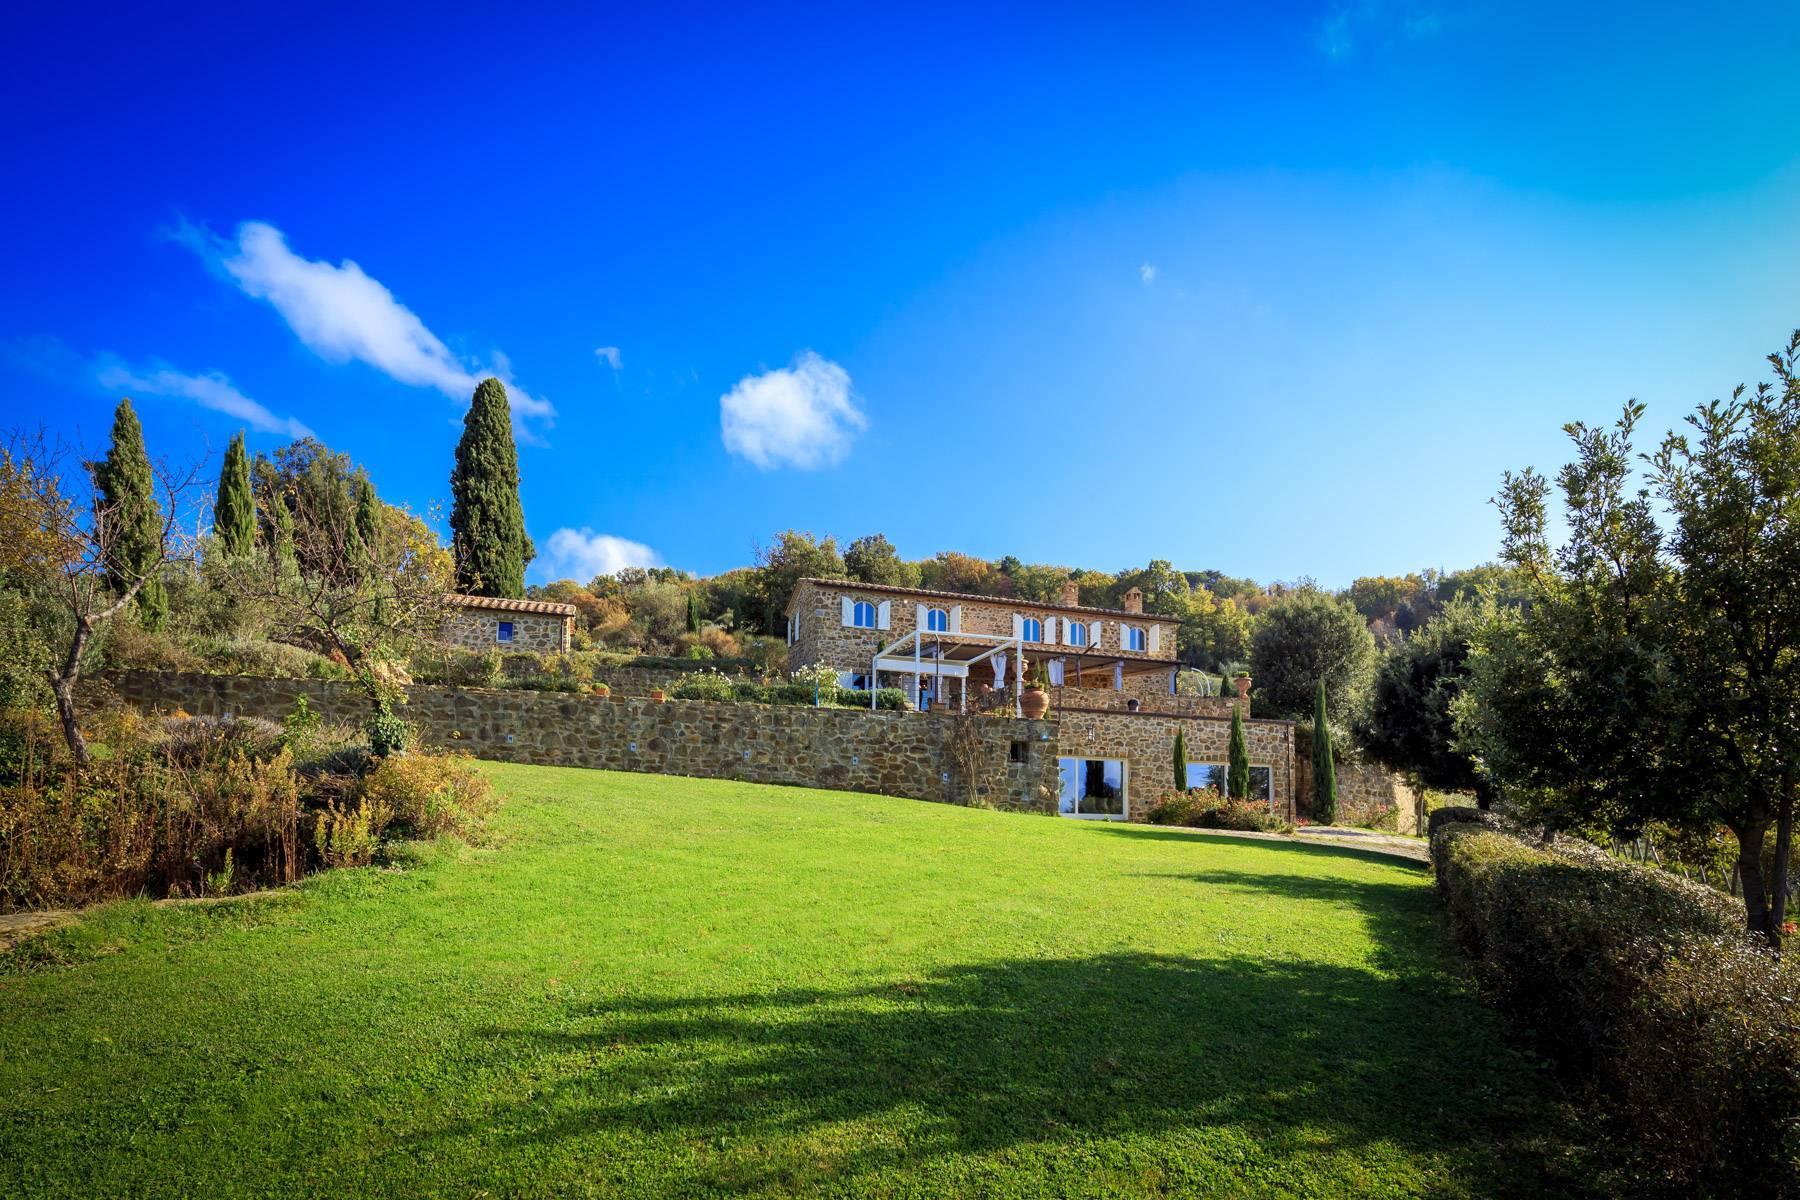 Wunderschönes restauriertes Bauernhaus in der Nähe von Montalcino - 1